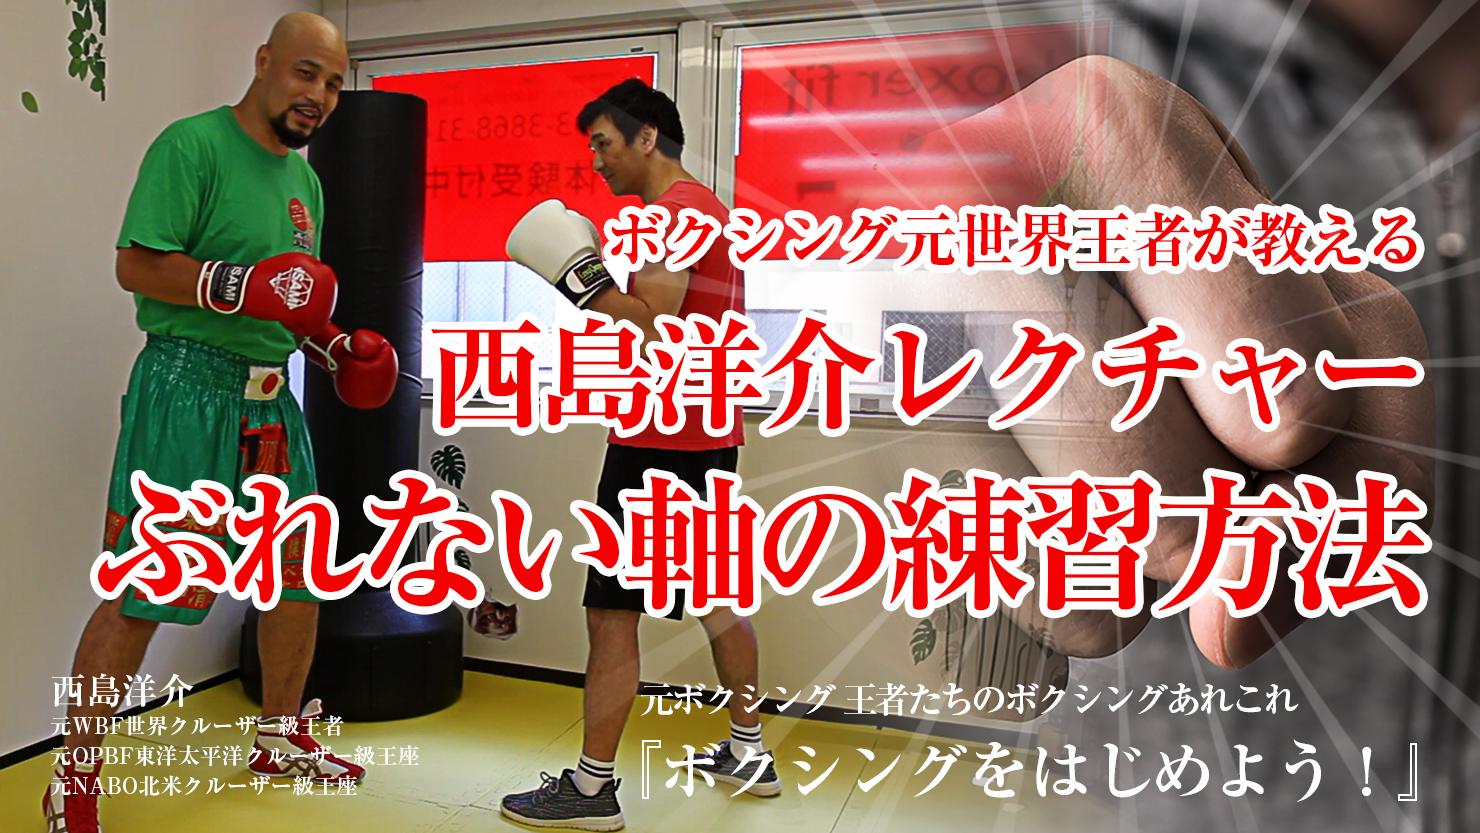 西島洋介山のボクシングレクチャー